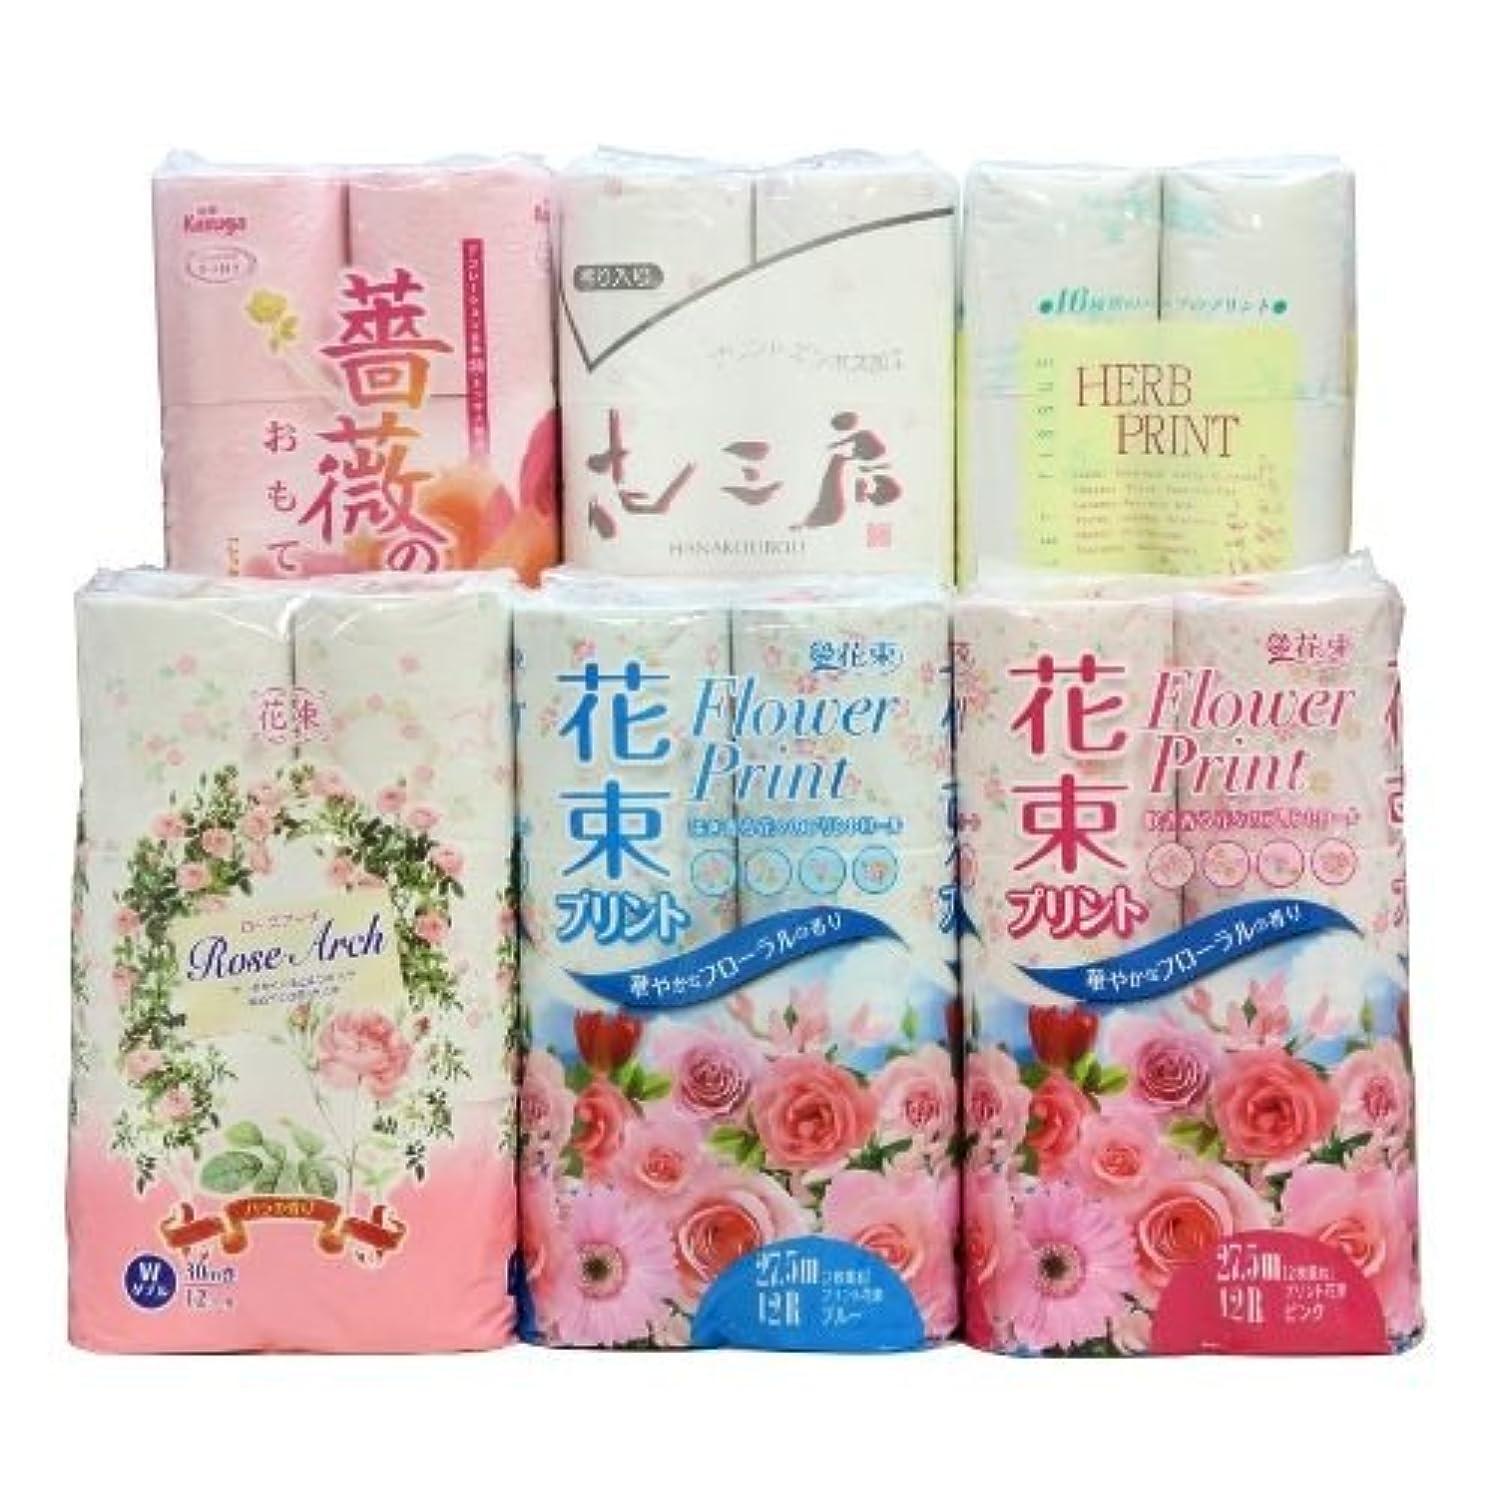 文法家金貸し6種類の可愛い花柄プリント?香りのトイレットペーパー詰め合わせ ブーケセット